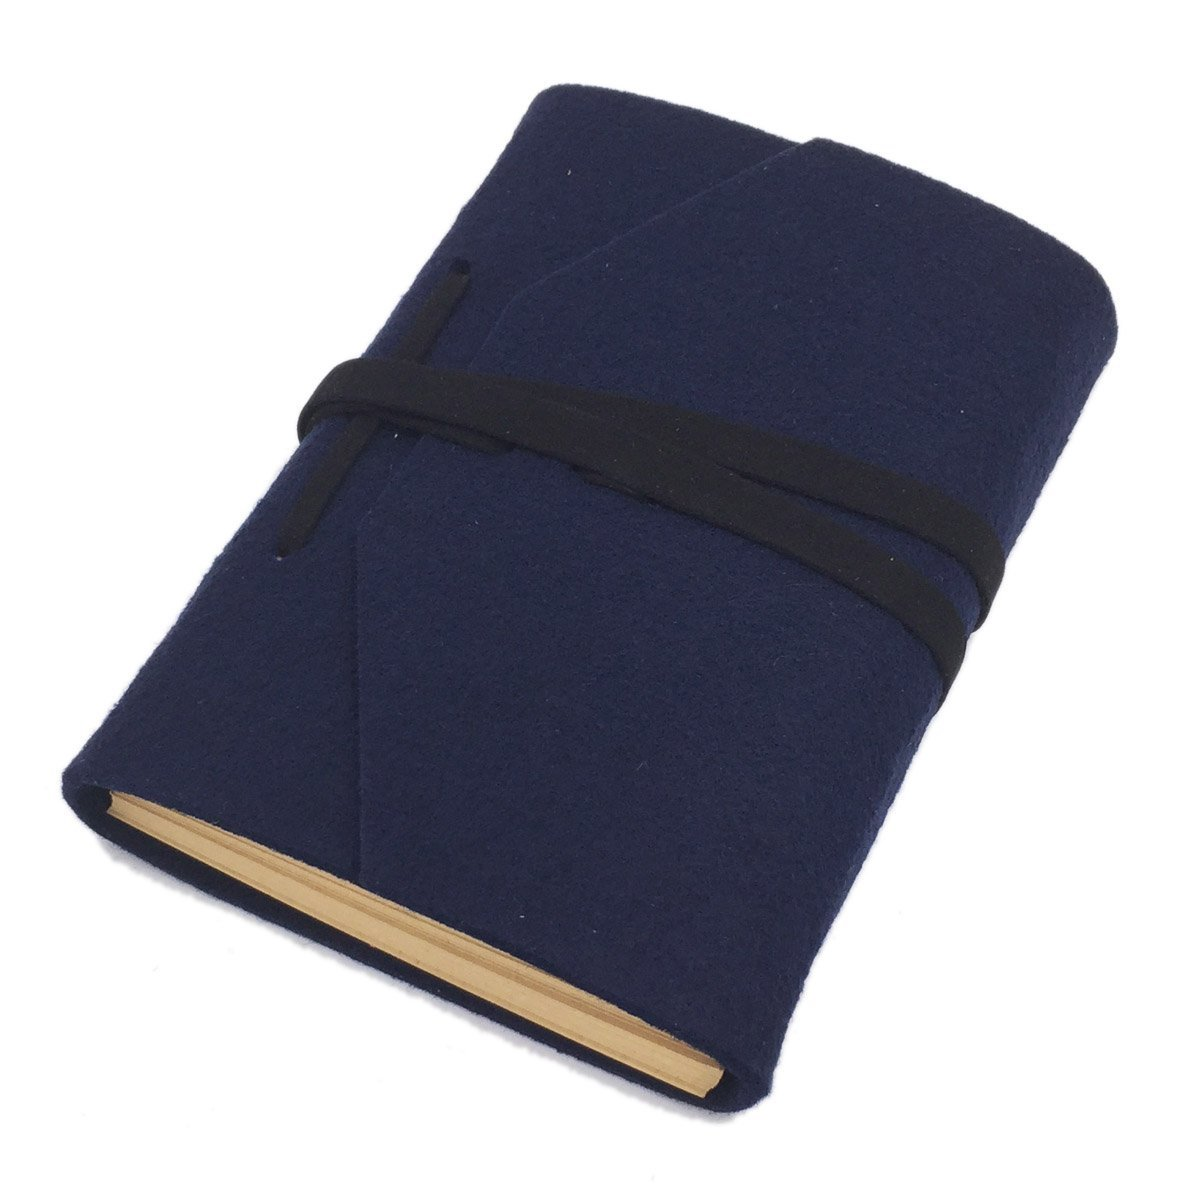 stile vintage per disegno Sayeec quaderno A4 con copertina rigida in feltro diario di viaggio e scrittura 7.2*5inch Blue